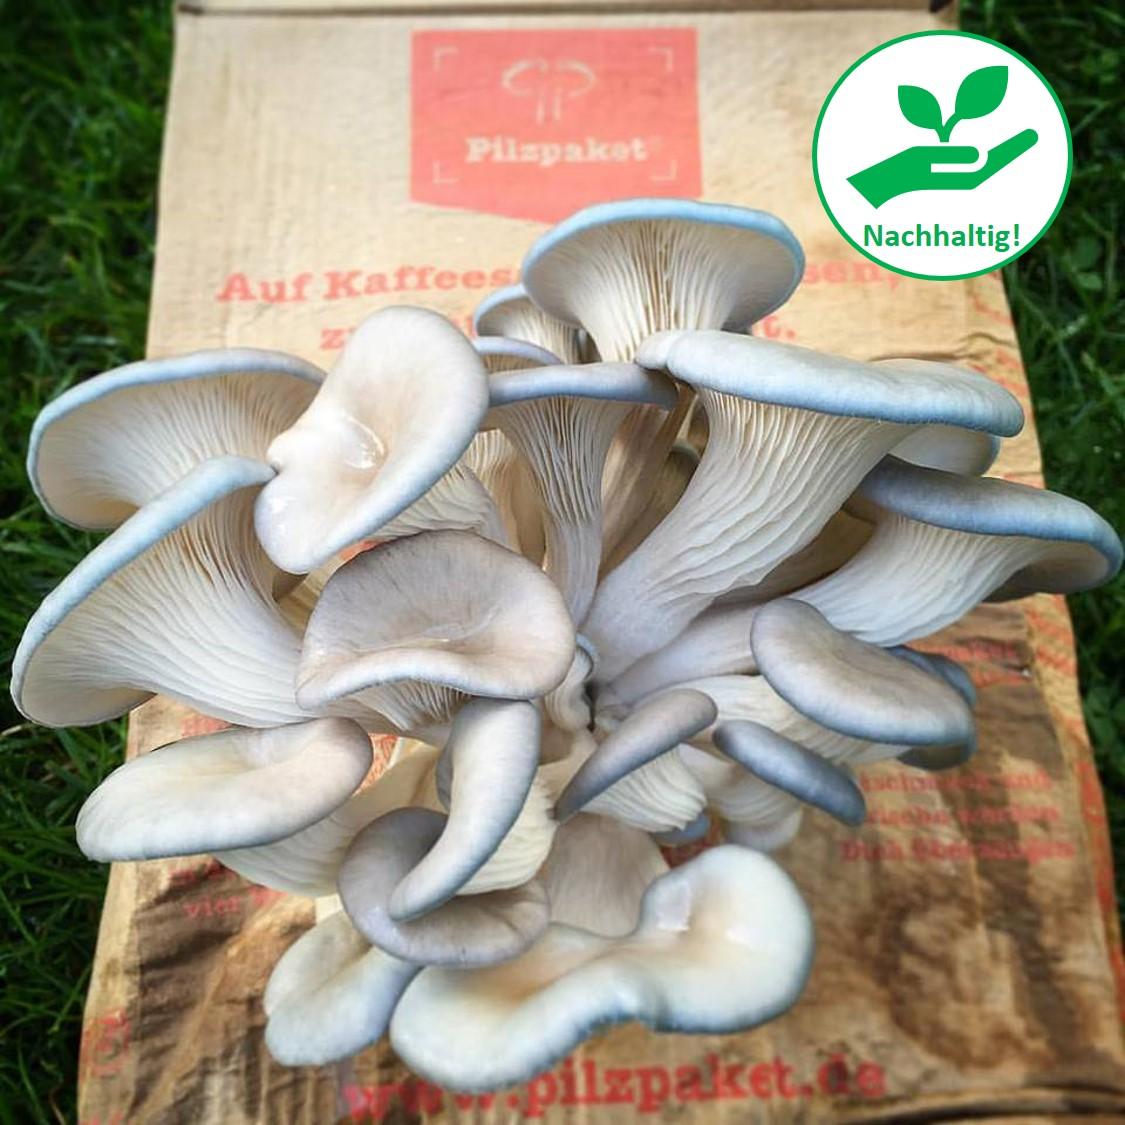 Taubenblauer Austern-Seitling! Nachhaltigkeit pur!